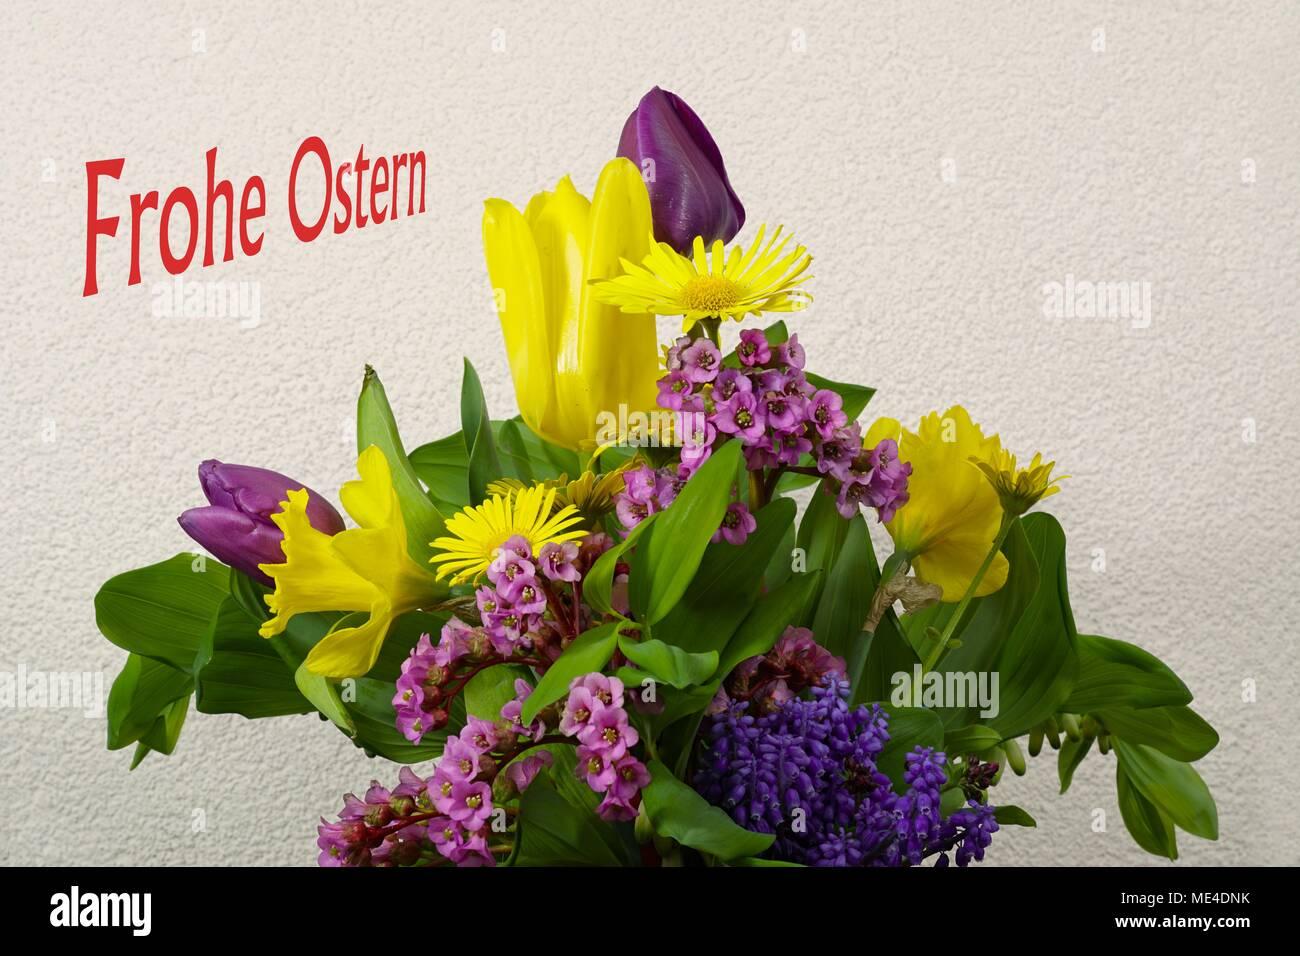 Osterstrauß  - Blumenstrauss Stock Photo